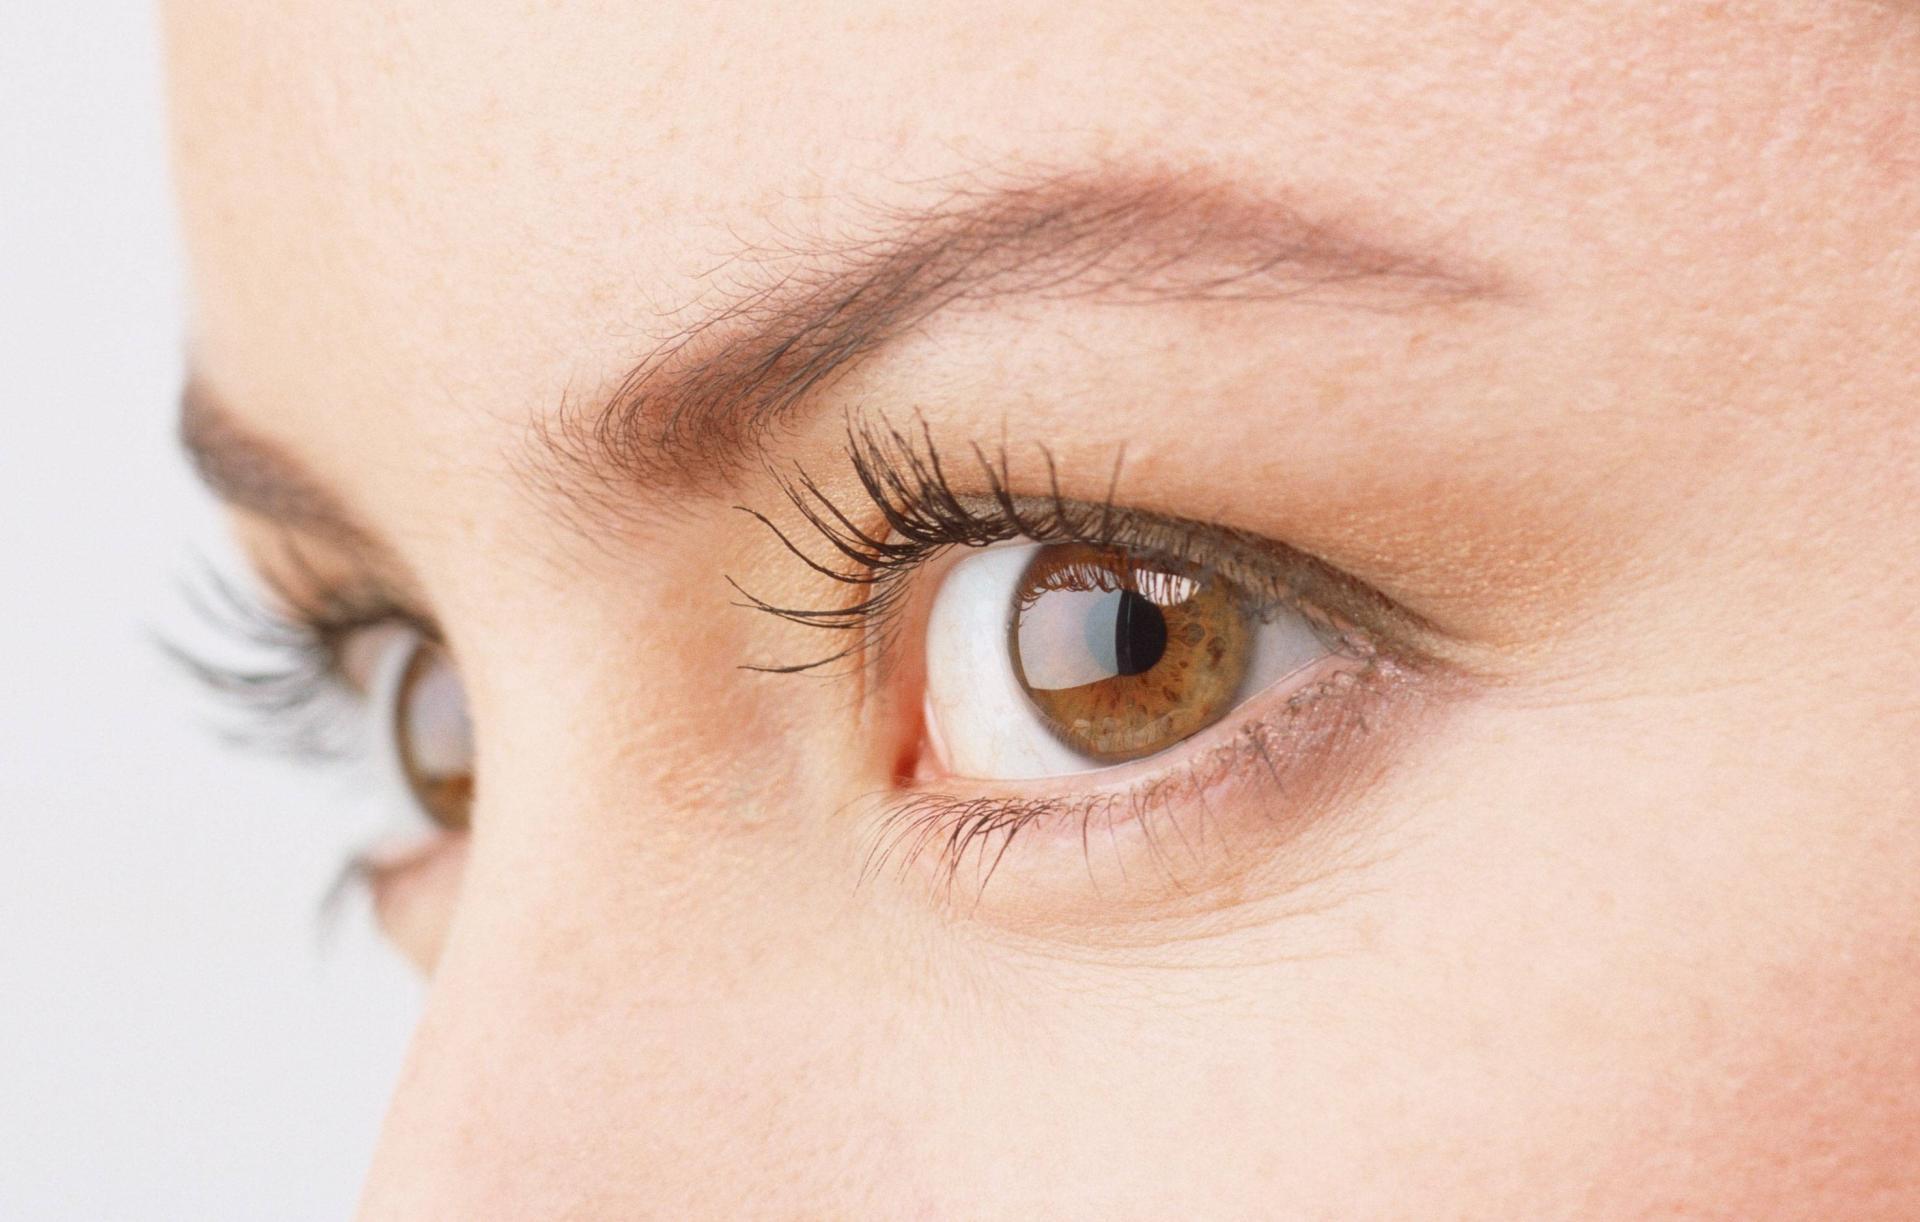 Афакия глаза: причины, симптомы и методы лечения